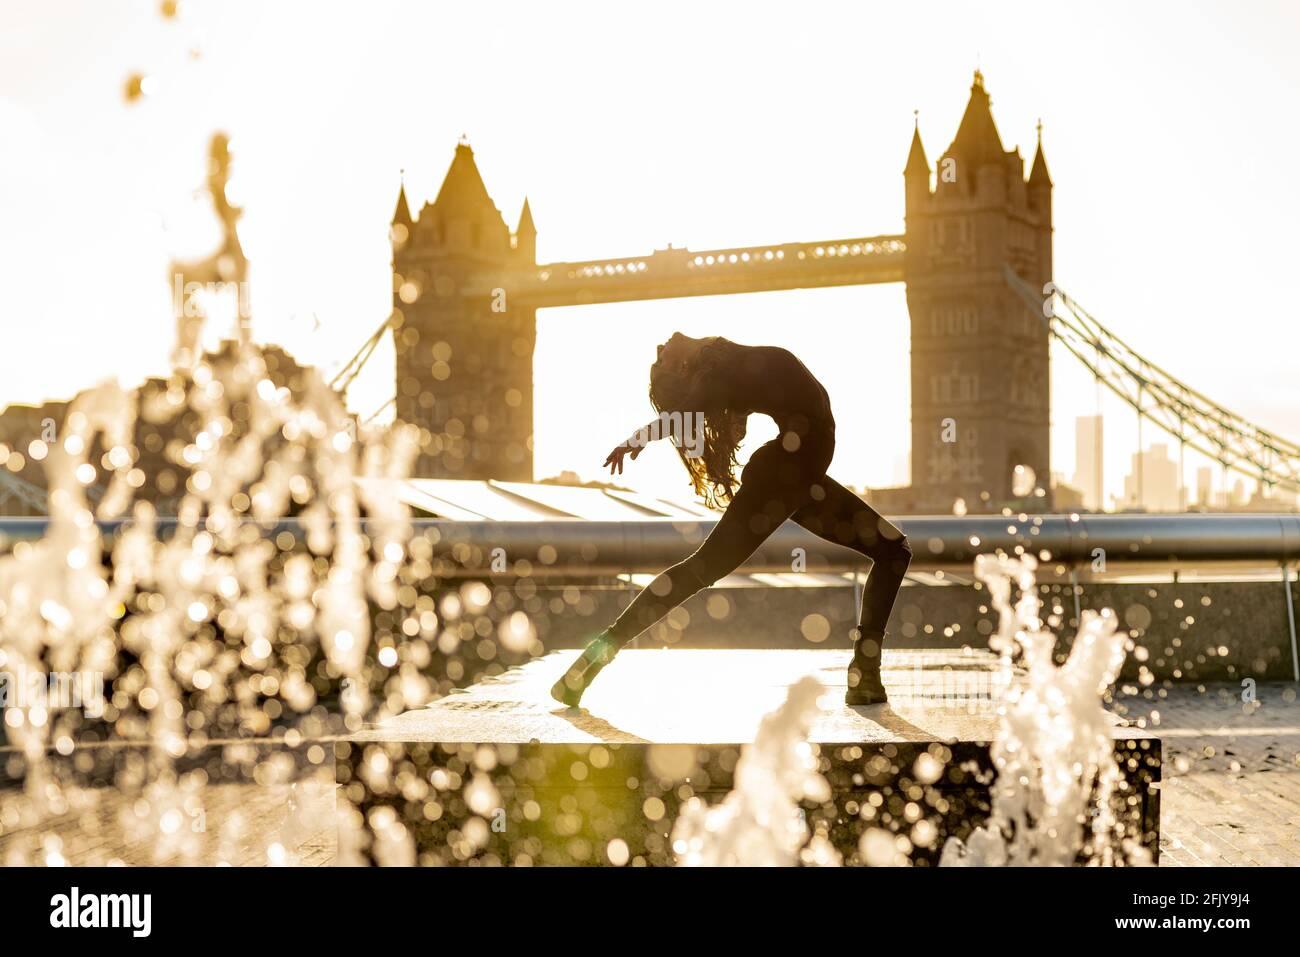 Londres, Royaume-Uni. 27 avril 2021. Journée internationale de la danse : Rebecca Olarescu, étudiante en Master Screance à la London Contemporary Dance School (LCDS), se produit lors d'un lever de soleil spectaculaire aux fontaines près de Tower Bridge, en prévision de la Journée internationale de la danse, le 29 avril. Célébrée pour la première fois en 1982, la Journée internationale de la danse a lieu chaque année depuis l'anniversaire de la naissance de Jean-Georges Noverre (1727-1810), créateur du ballet moderne. Credit: Guy Corbishley/Alamy Live News Banque D'Images